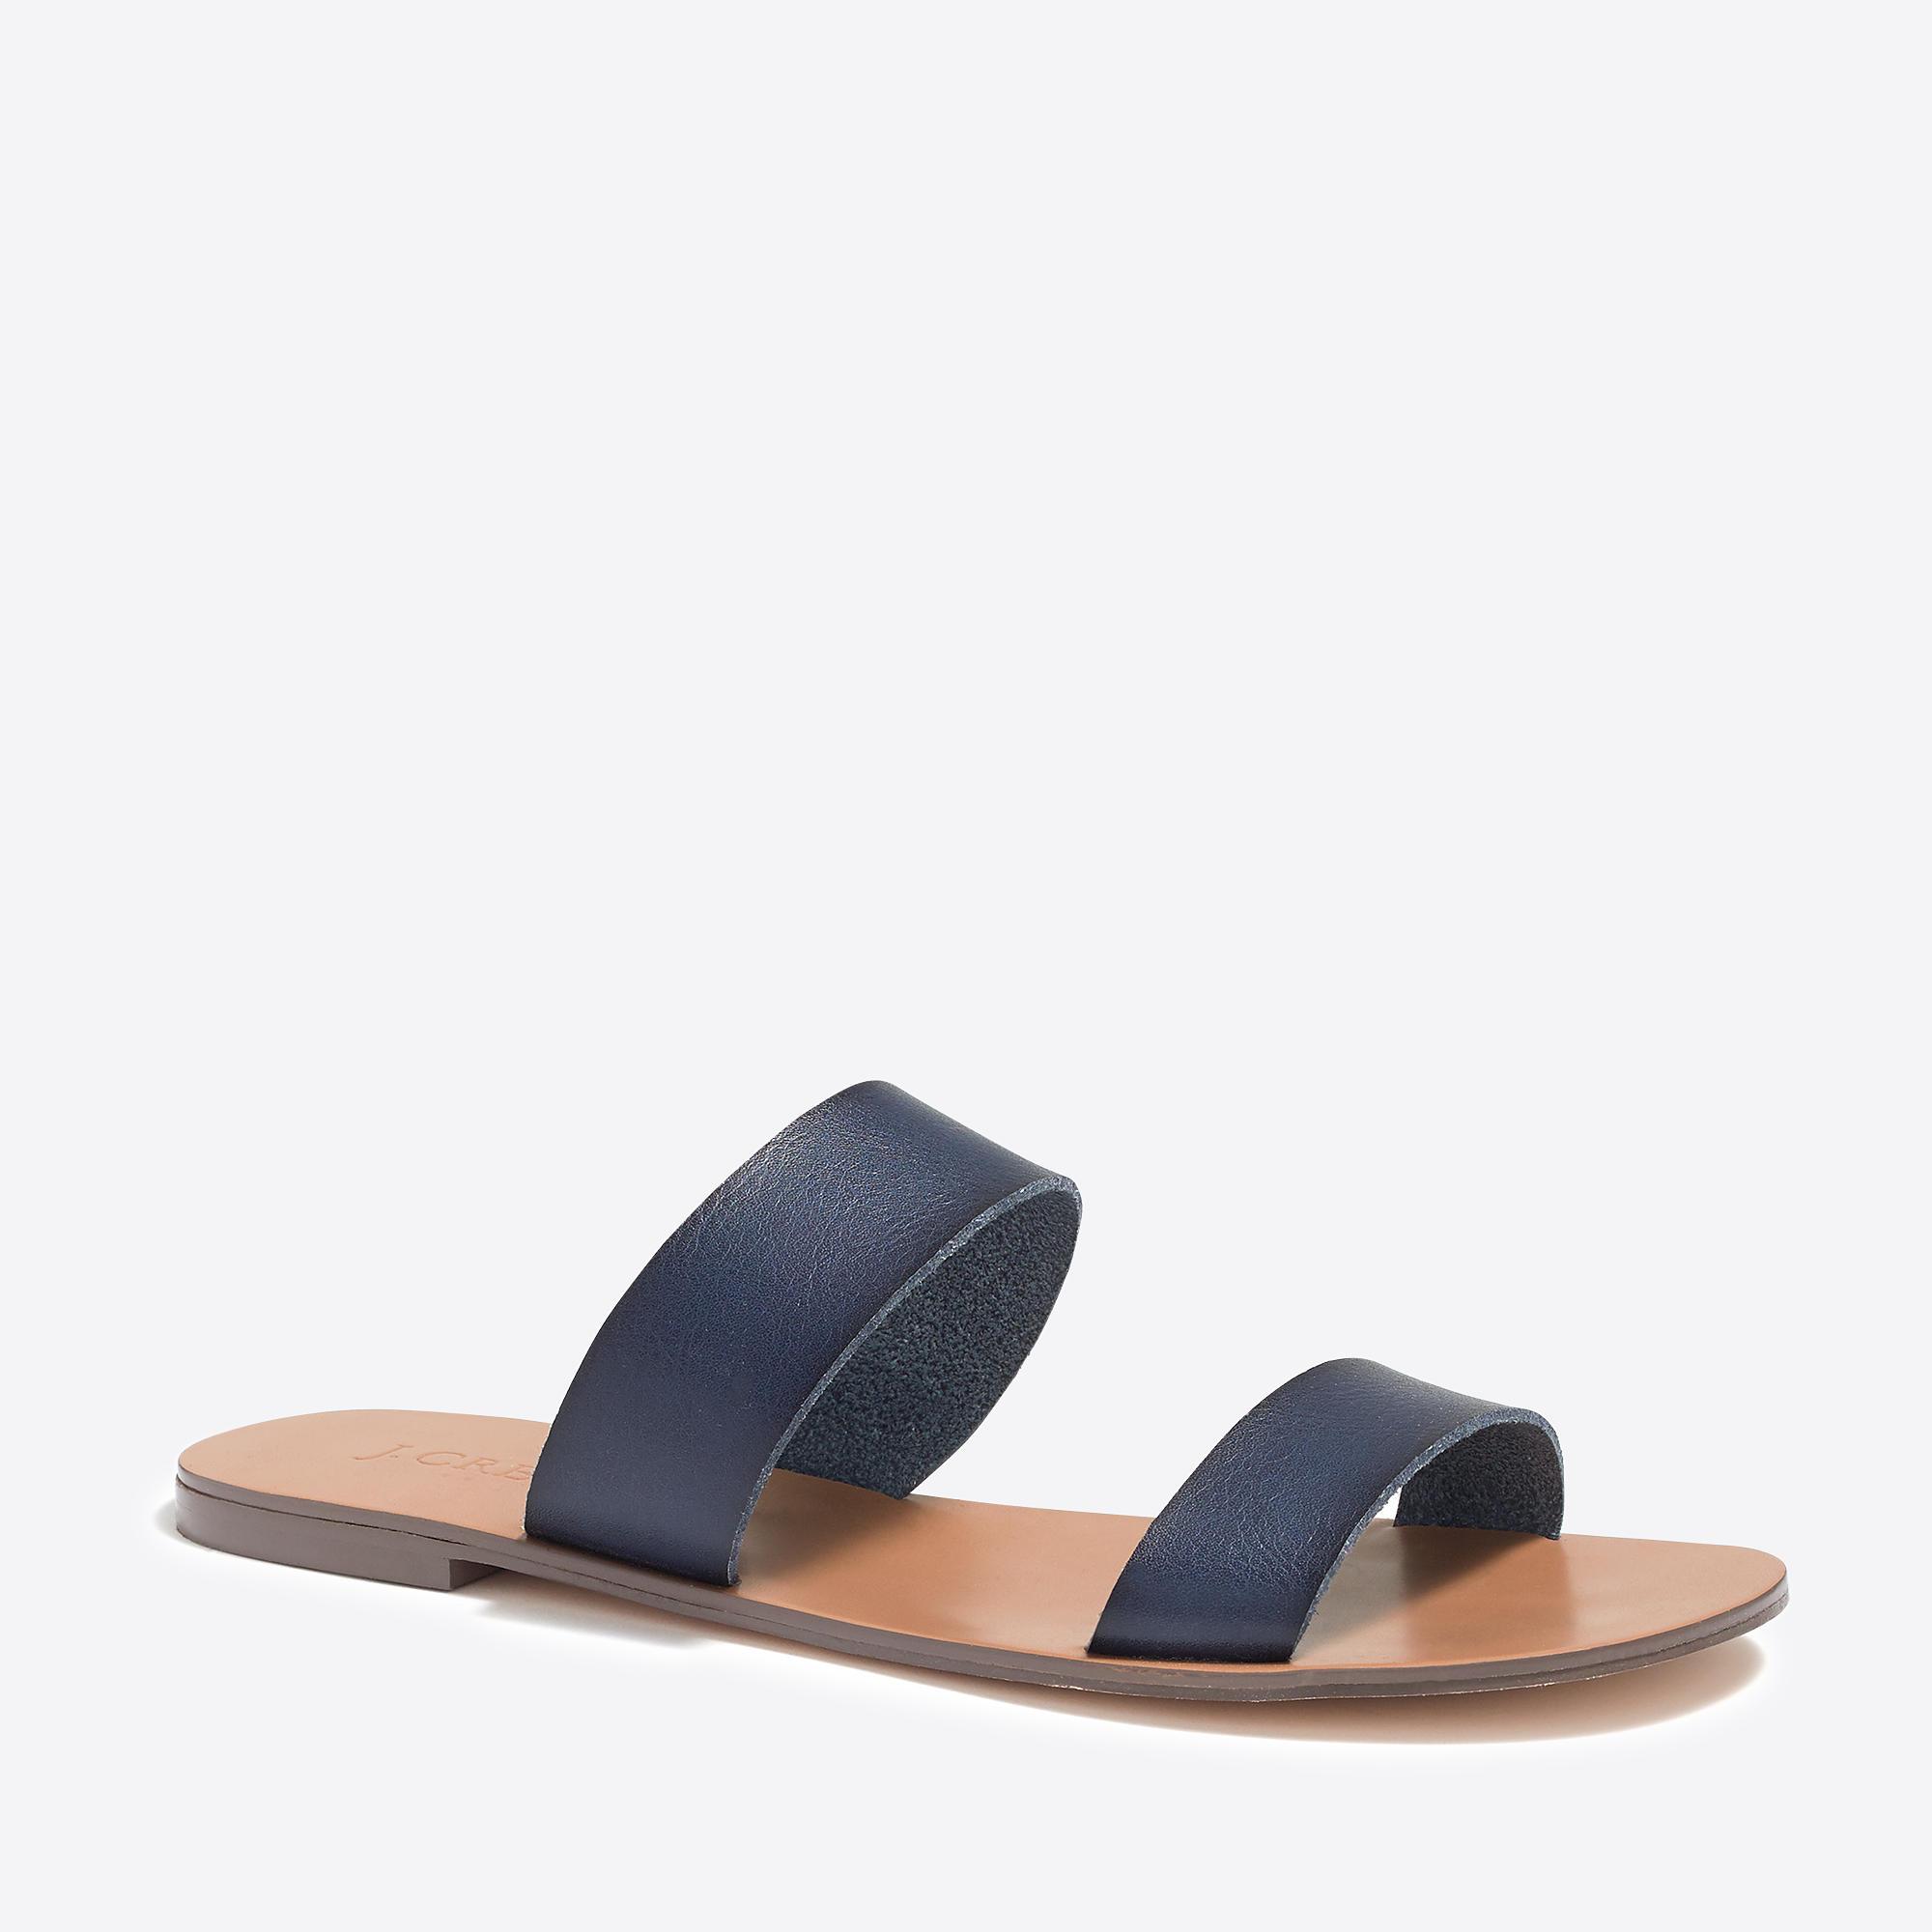 Boardwalk Shoes Sizes